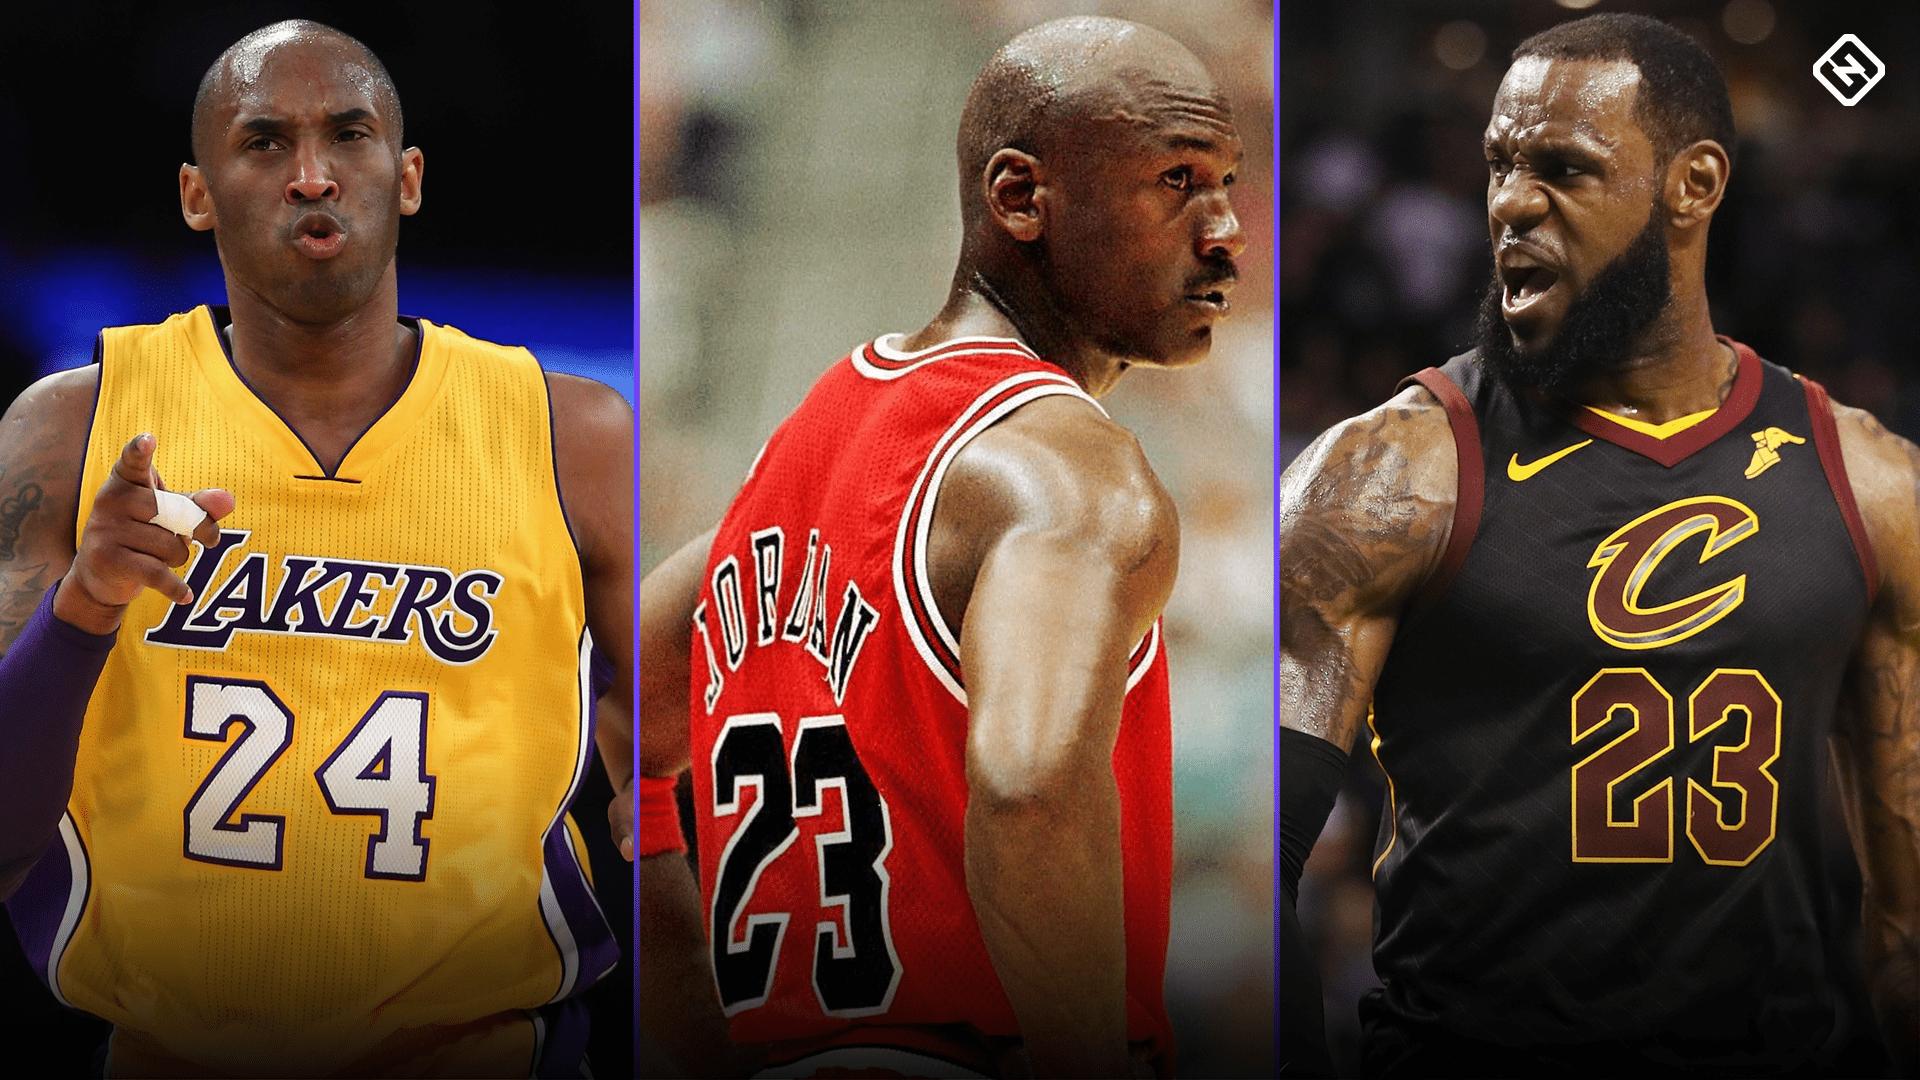 Kobe Bryant And Michael Jordan Wallpapers Top Free Kobe Bryant